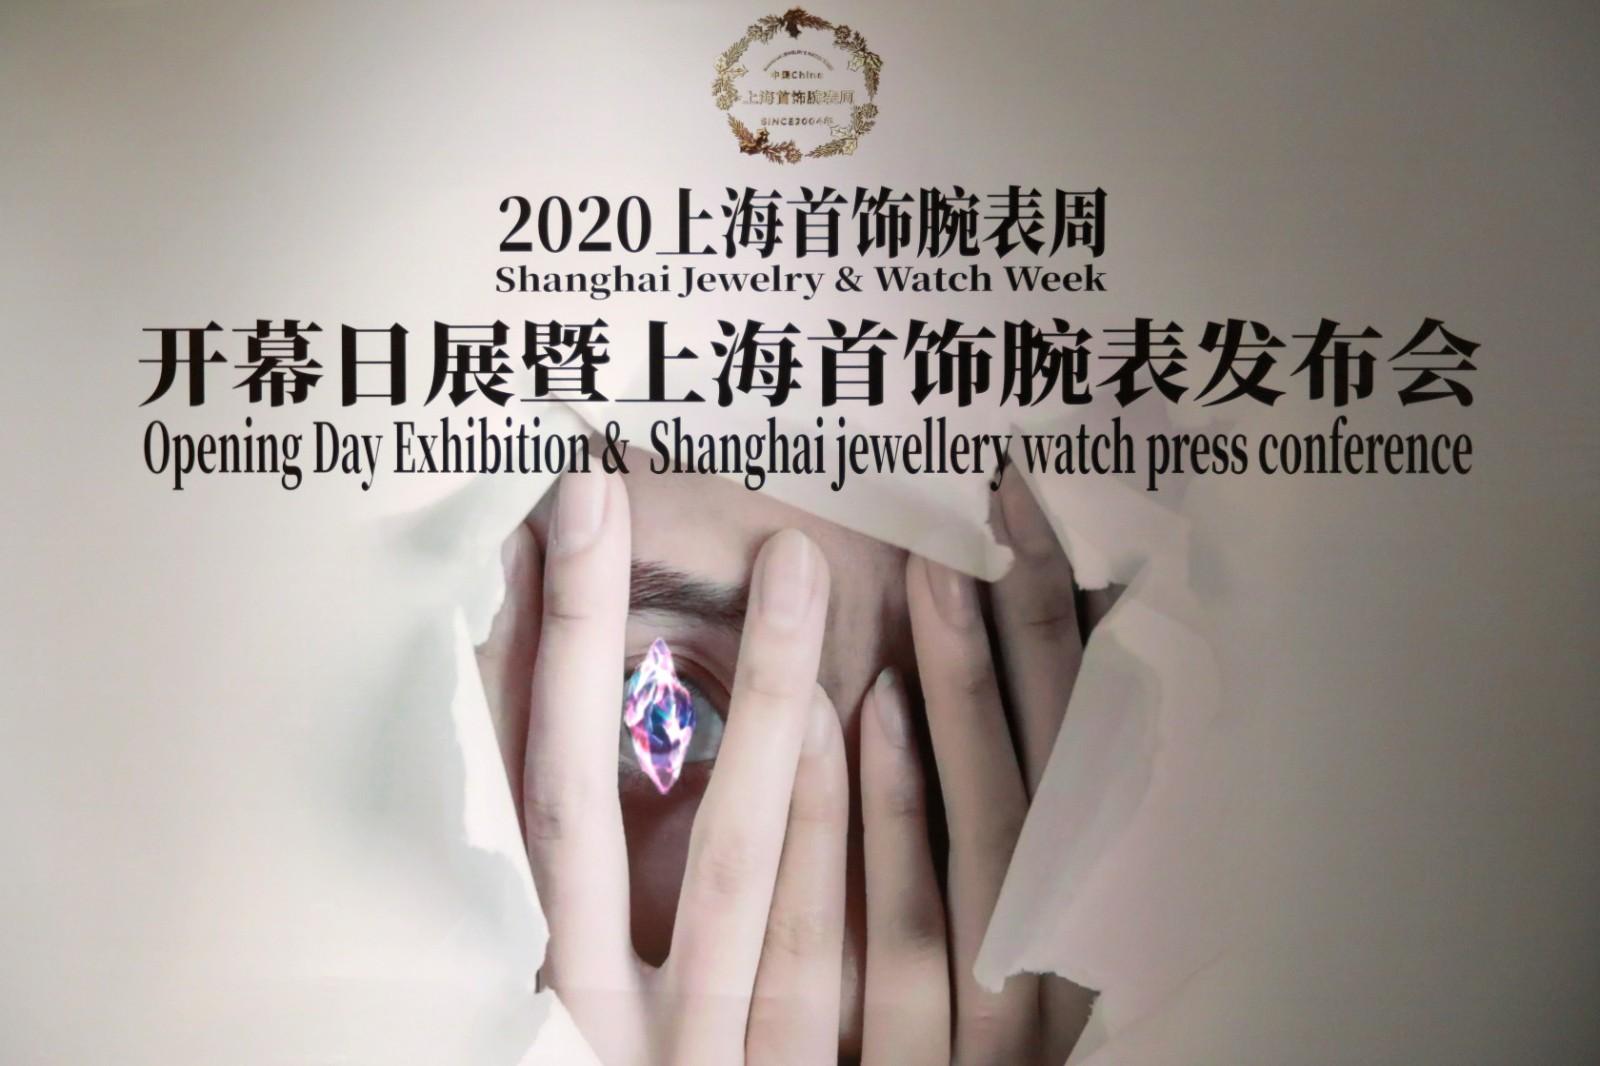 东方设计引领时尚 高级珠宝大放异彩